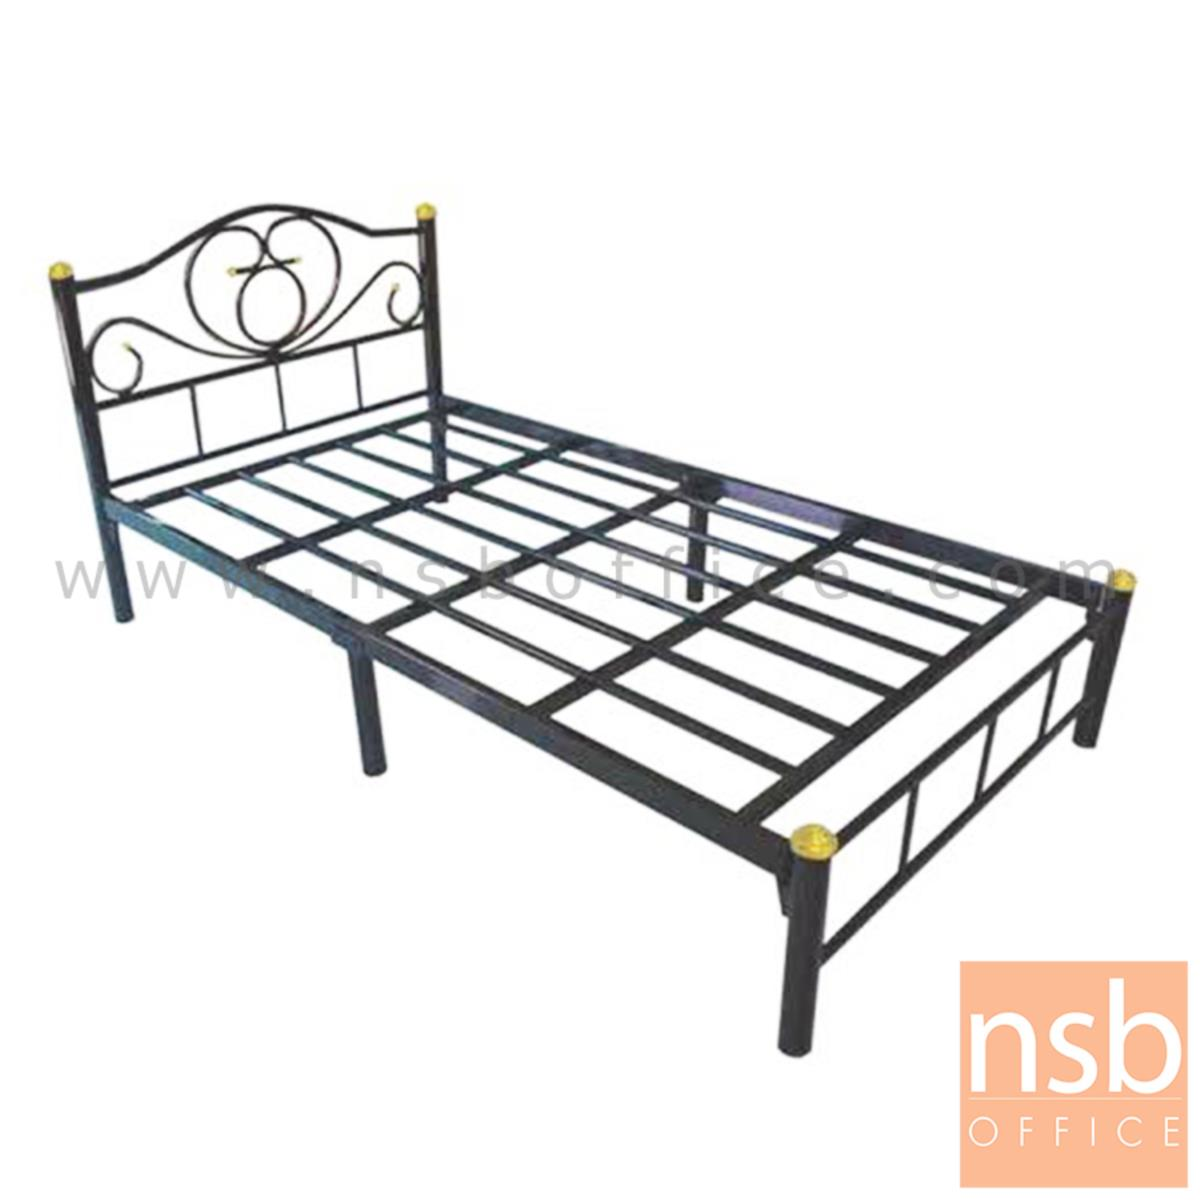 G11A004:เตียงเหล็กชั้นเดียว 3 ฟุตครึ่ง รุ่นมาตรฐาน หนา 0.7 mm ขนาด 106.6W* 200D* 33H cm. สีดำ (ลายบัว)